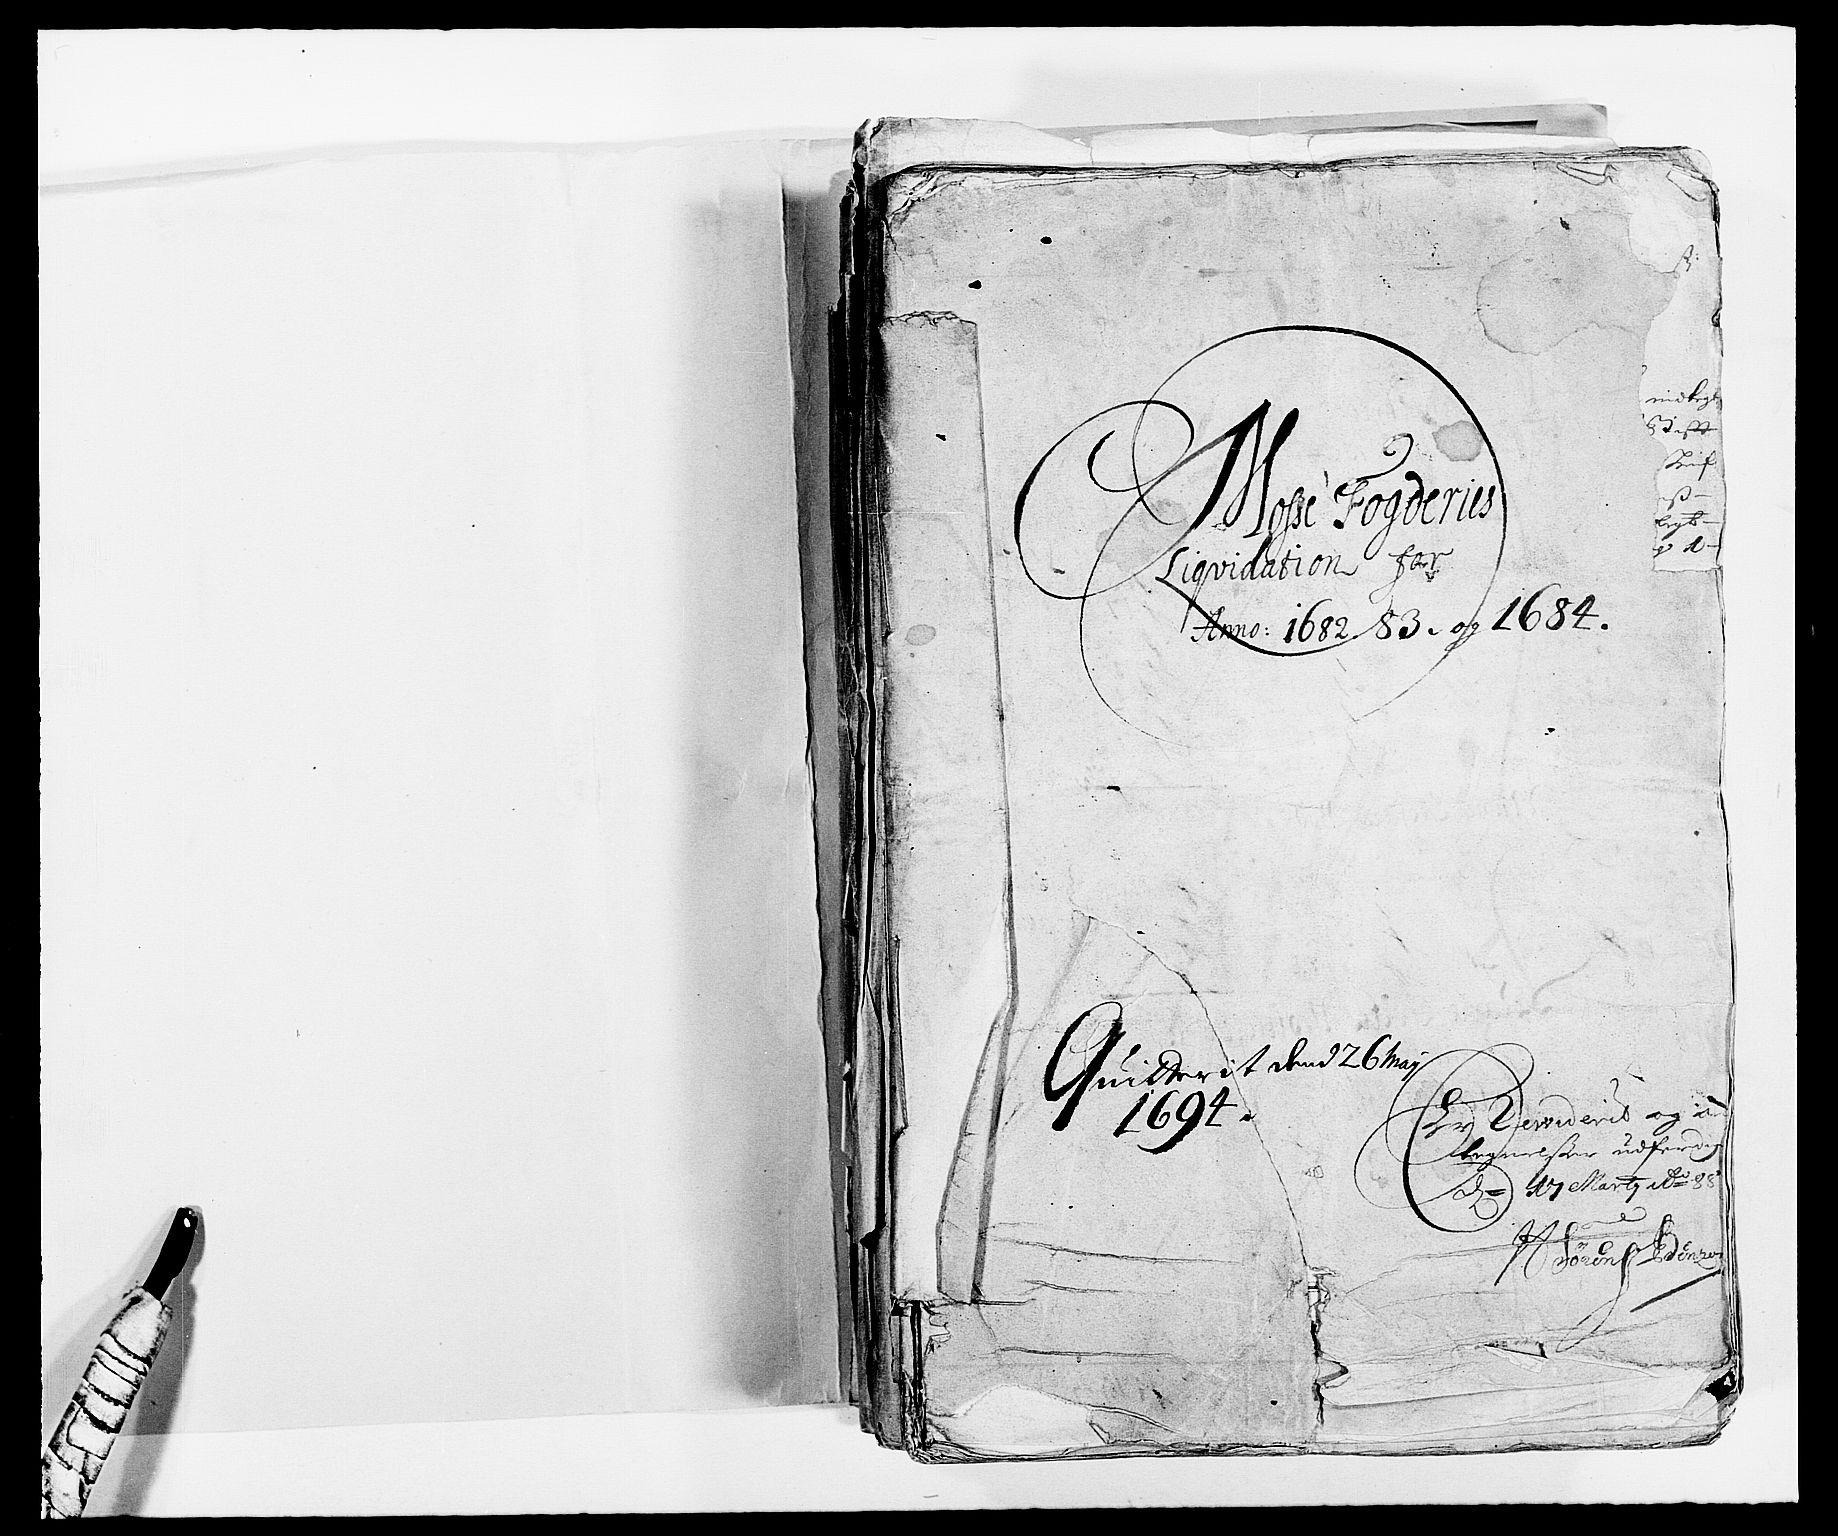 RA, Rentekammeret inntil 1814, Reviderte regnskaper, Fogderegnskap, R02/L0104: Fogderegnskap Moss og Verne kloster, 1682-1684, p. 2